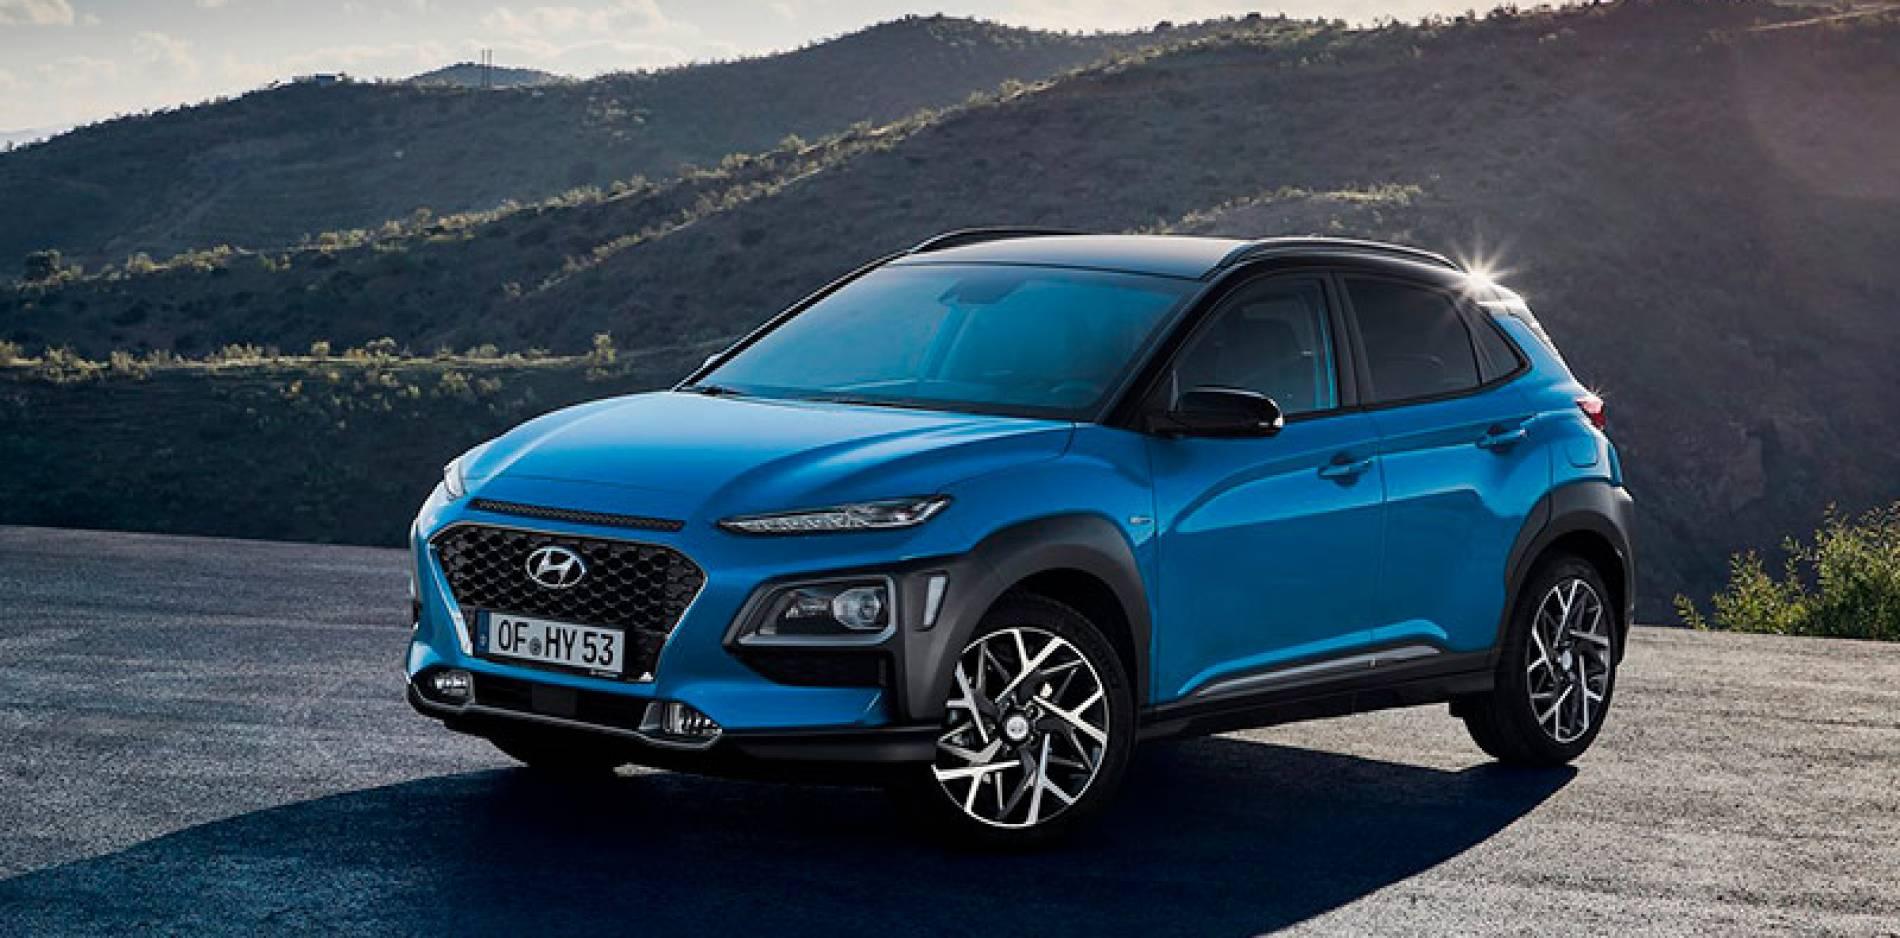 Hyundai Kona Hybrid, el SUV urbano completa su oferta con la motorización híbrida